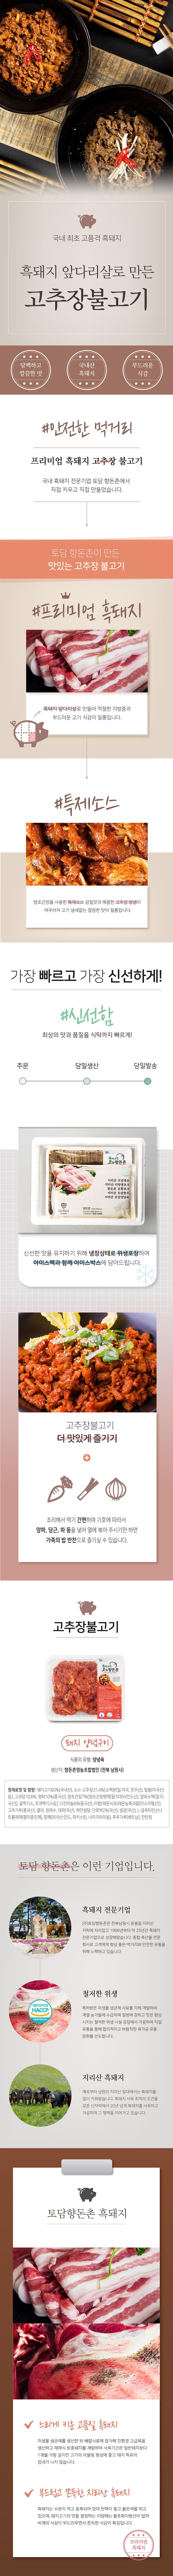 Yfood_huckdone_gochujang.jpg